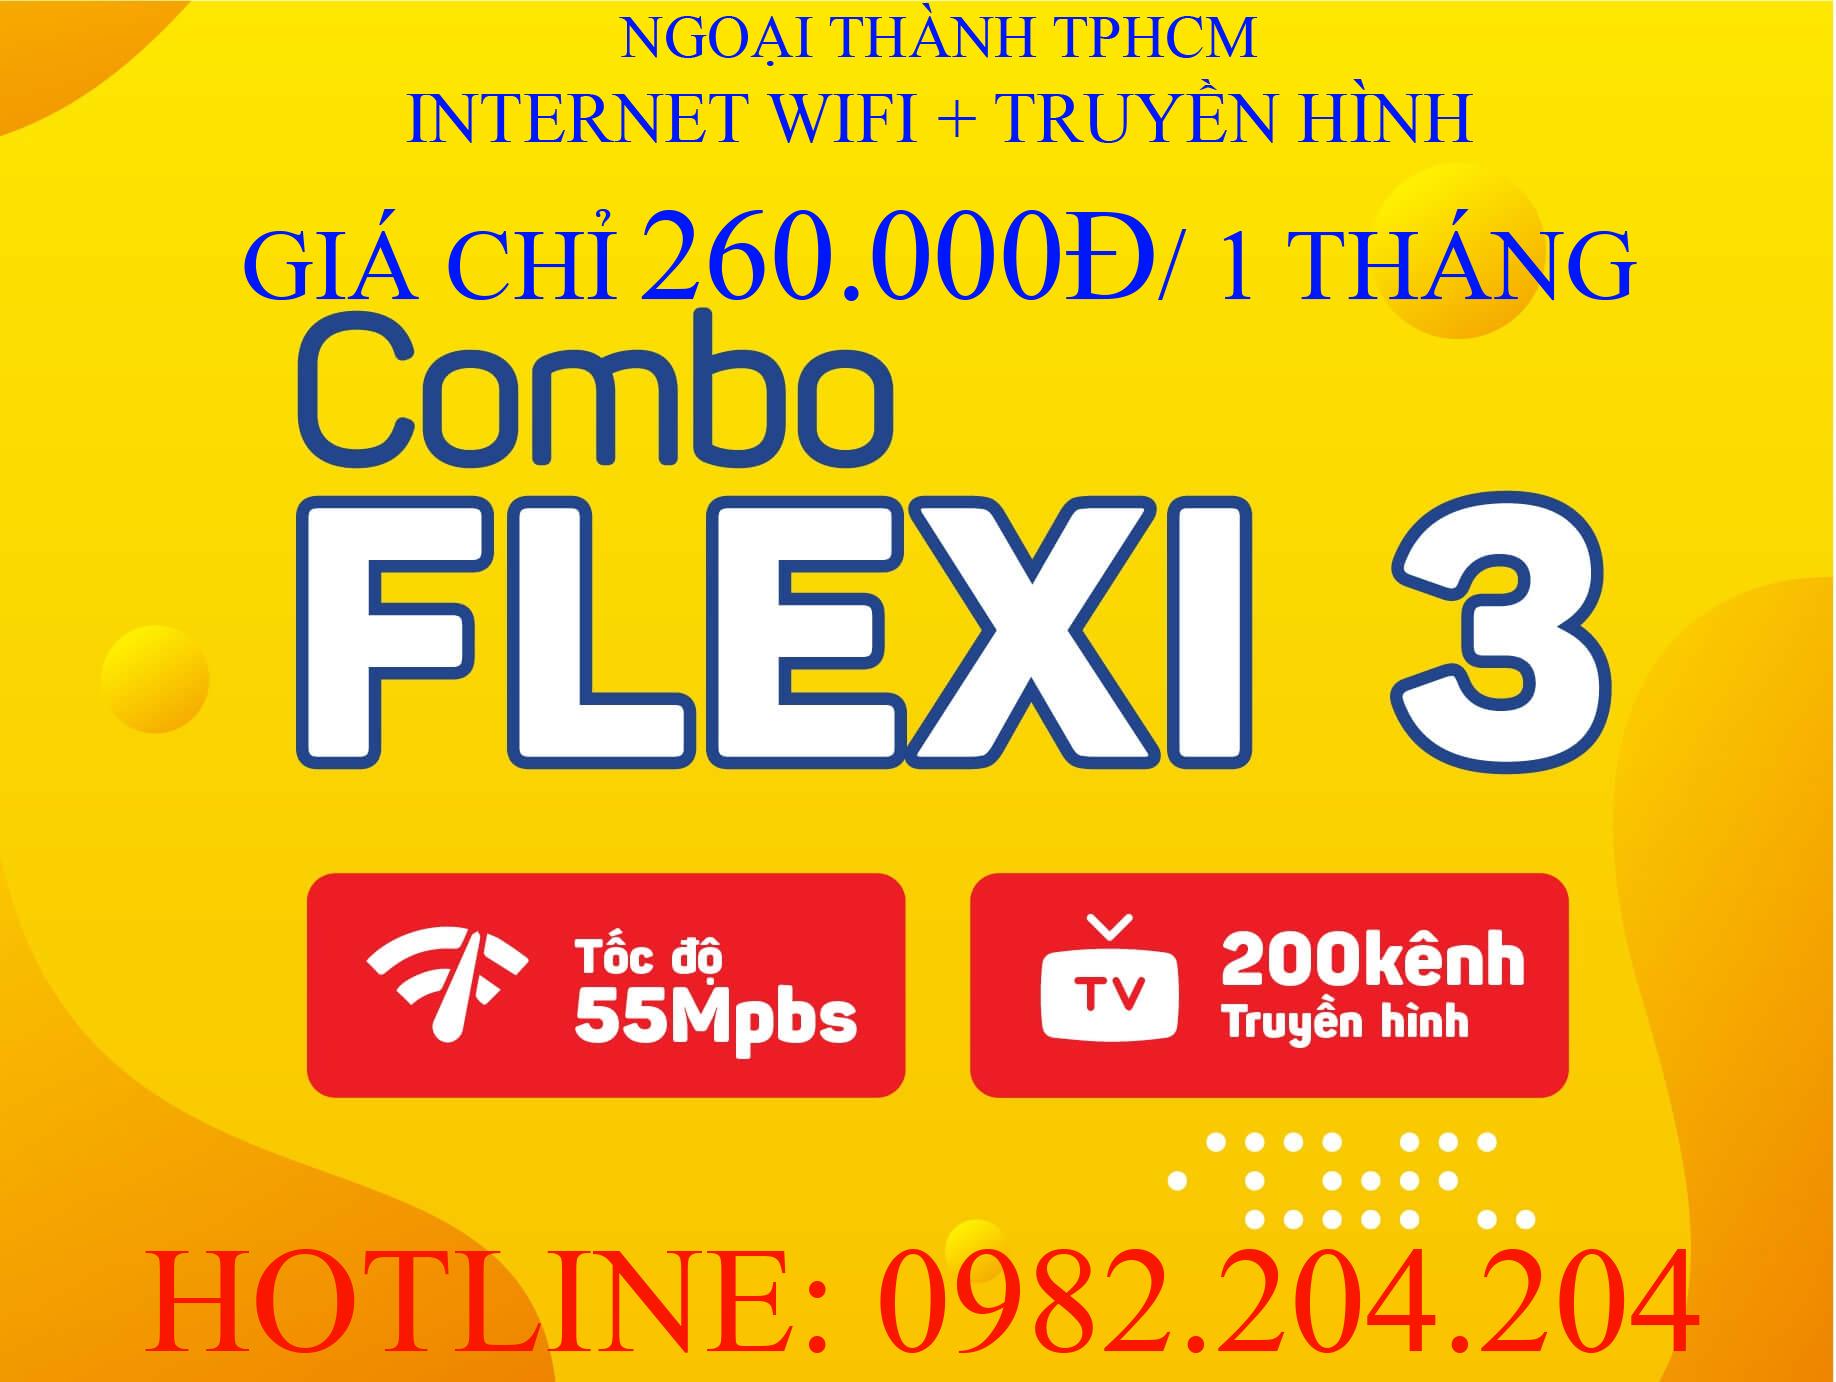 Lắp Wifi Giá Rẻ TPHCM kèm truyền hình Gói combo flexi 3